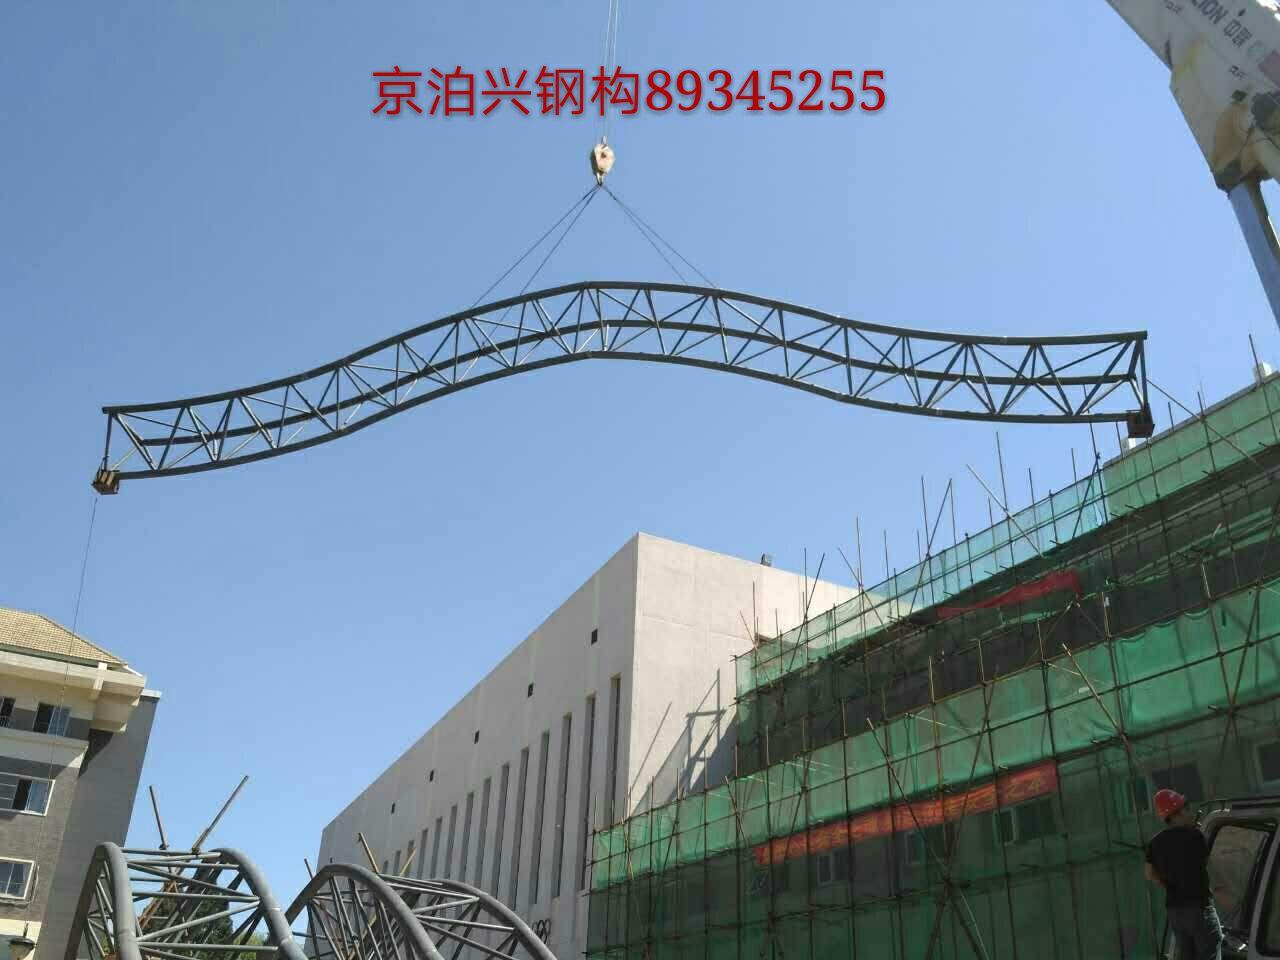 中国儿童中心管珩架工程-2017年